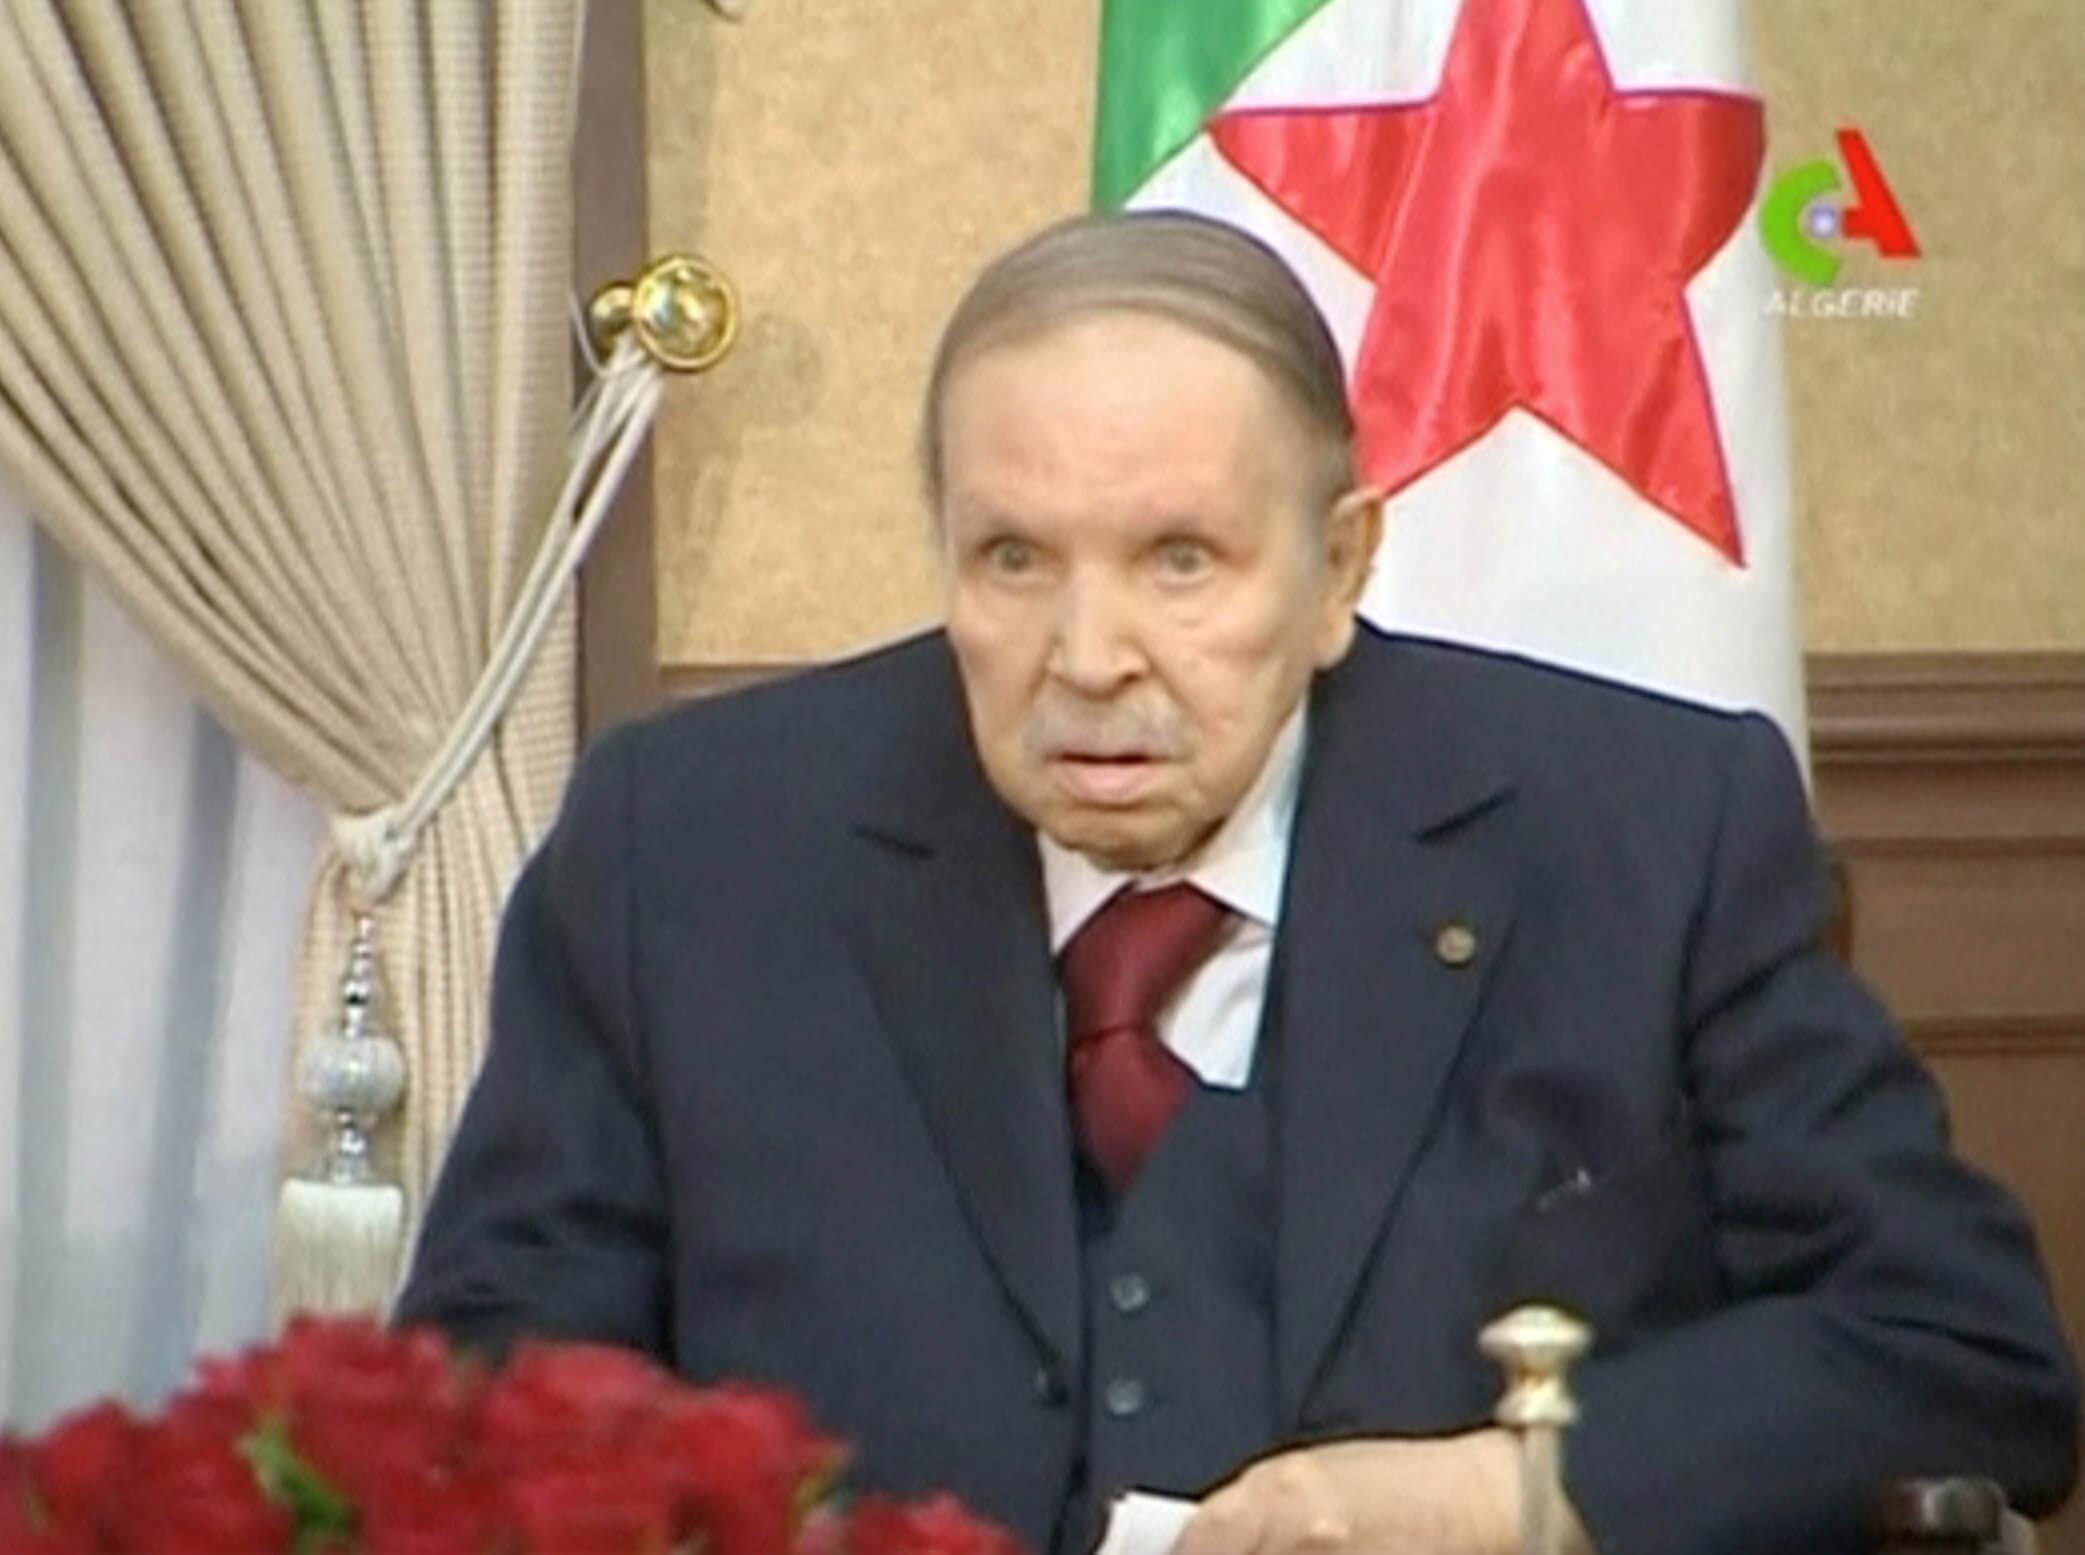 Αλγερία: Πέθανε ο πρώην πρόεδρος Αμπντελαζίζ Μπουτεφλίκα